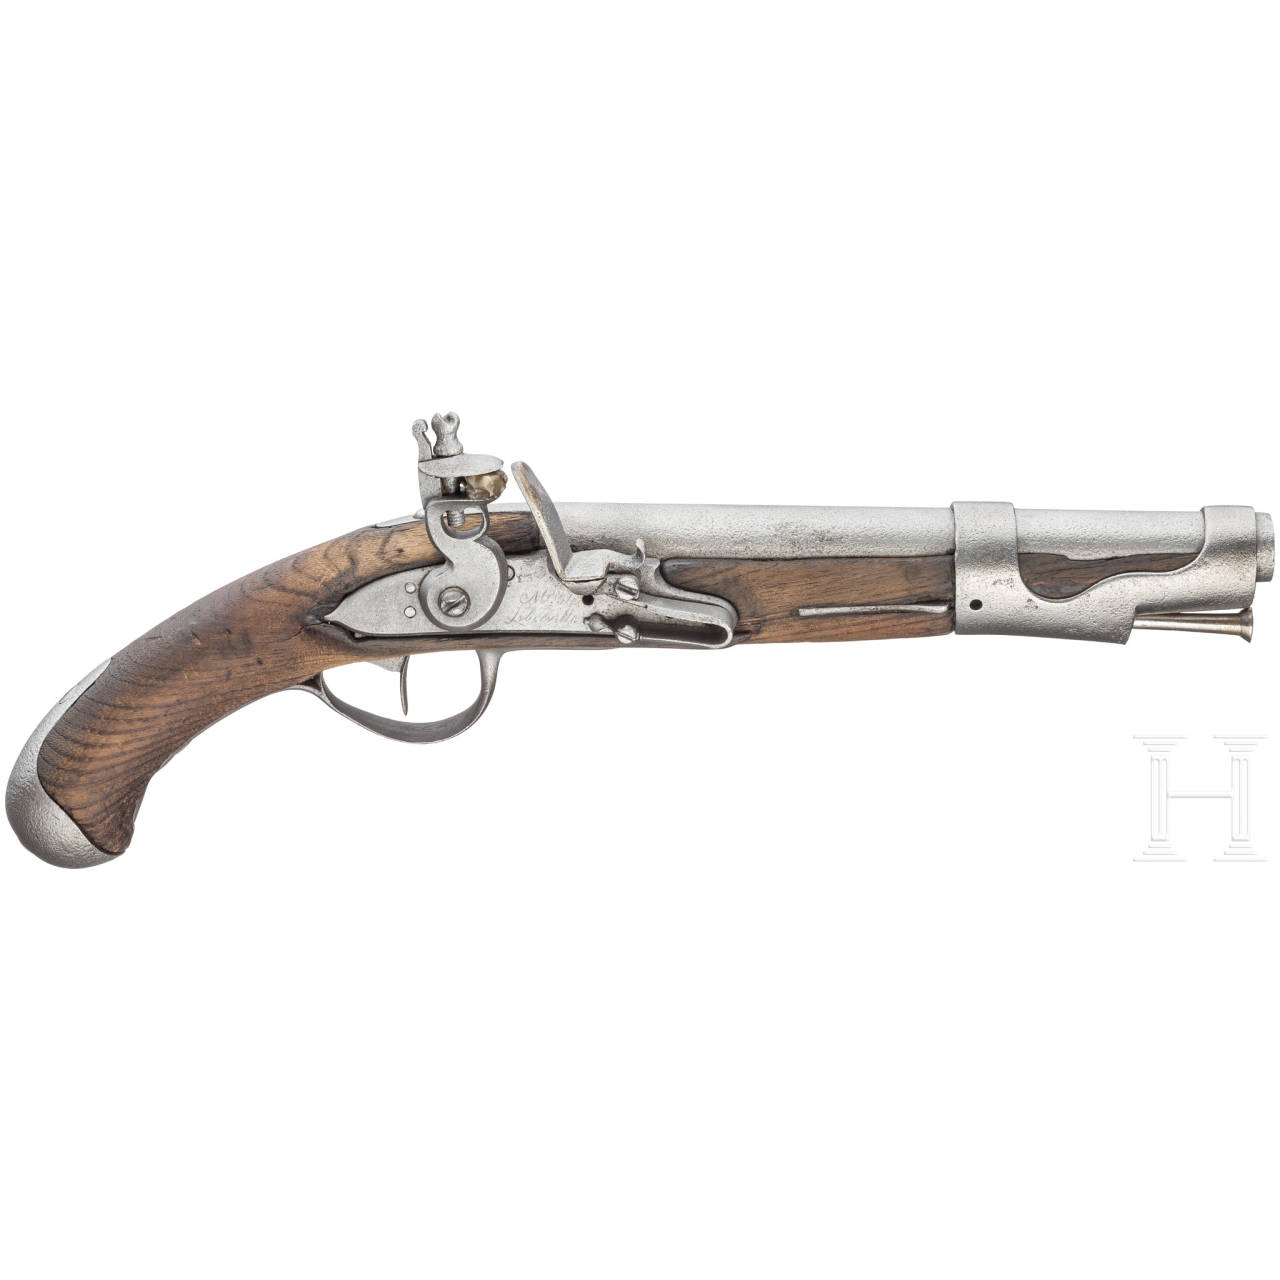 Kavalleriepistole M 1763/66, 3. Modell